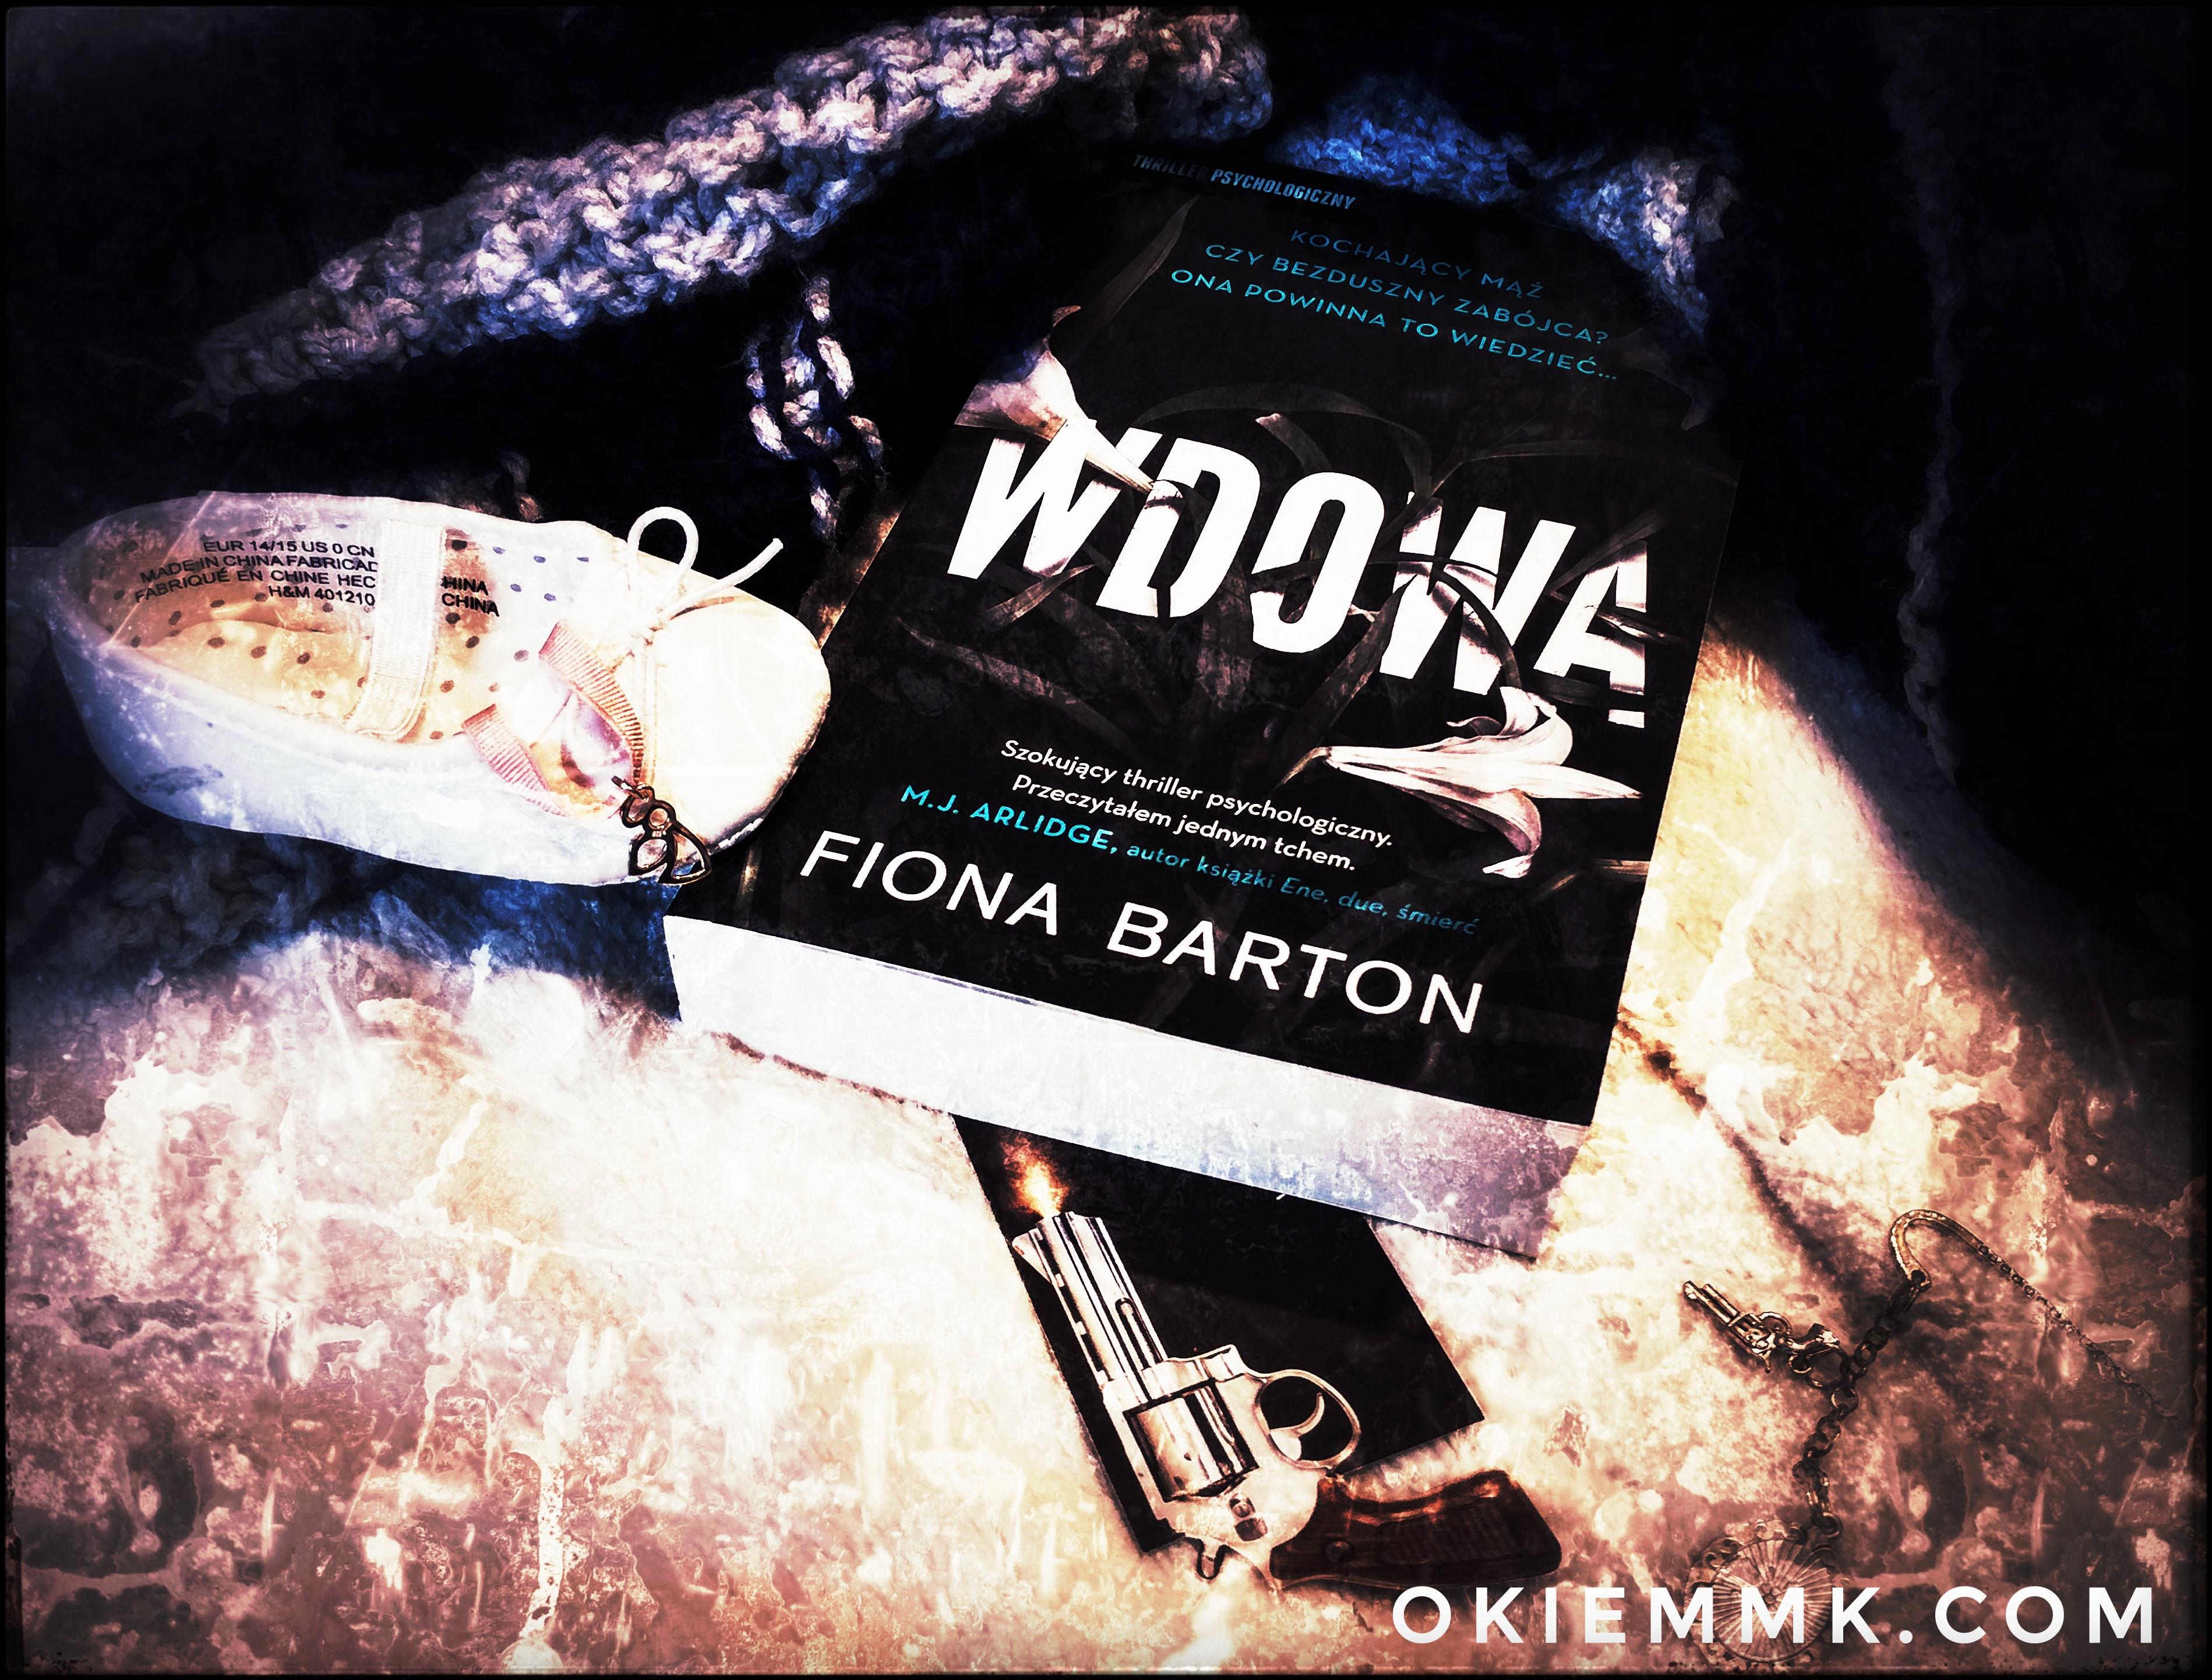 moje-wrazenia-po-lekturze-thrillera-psychologicznego-wdowa-fiony-barton-czyli-o-calkiem-innym-spojrzeniu-na-swiadkow-zbrodni